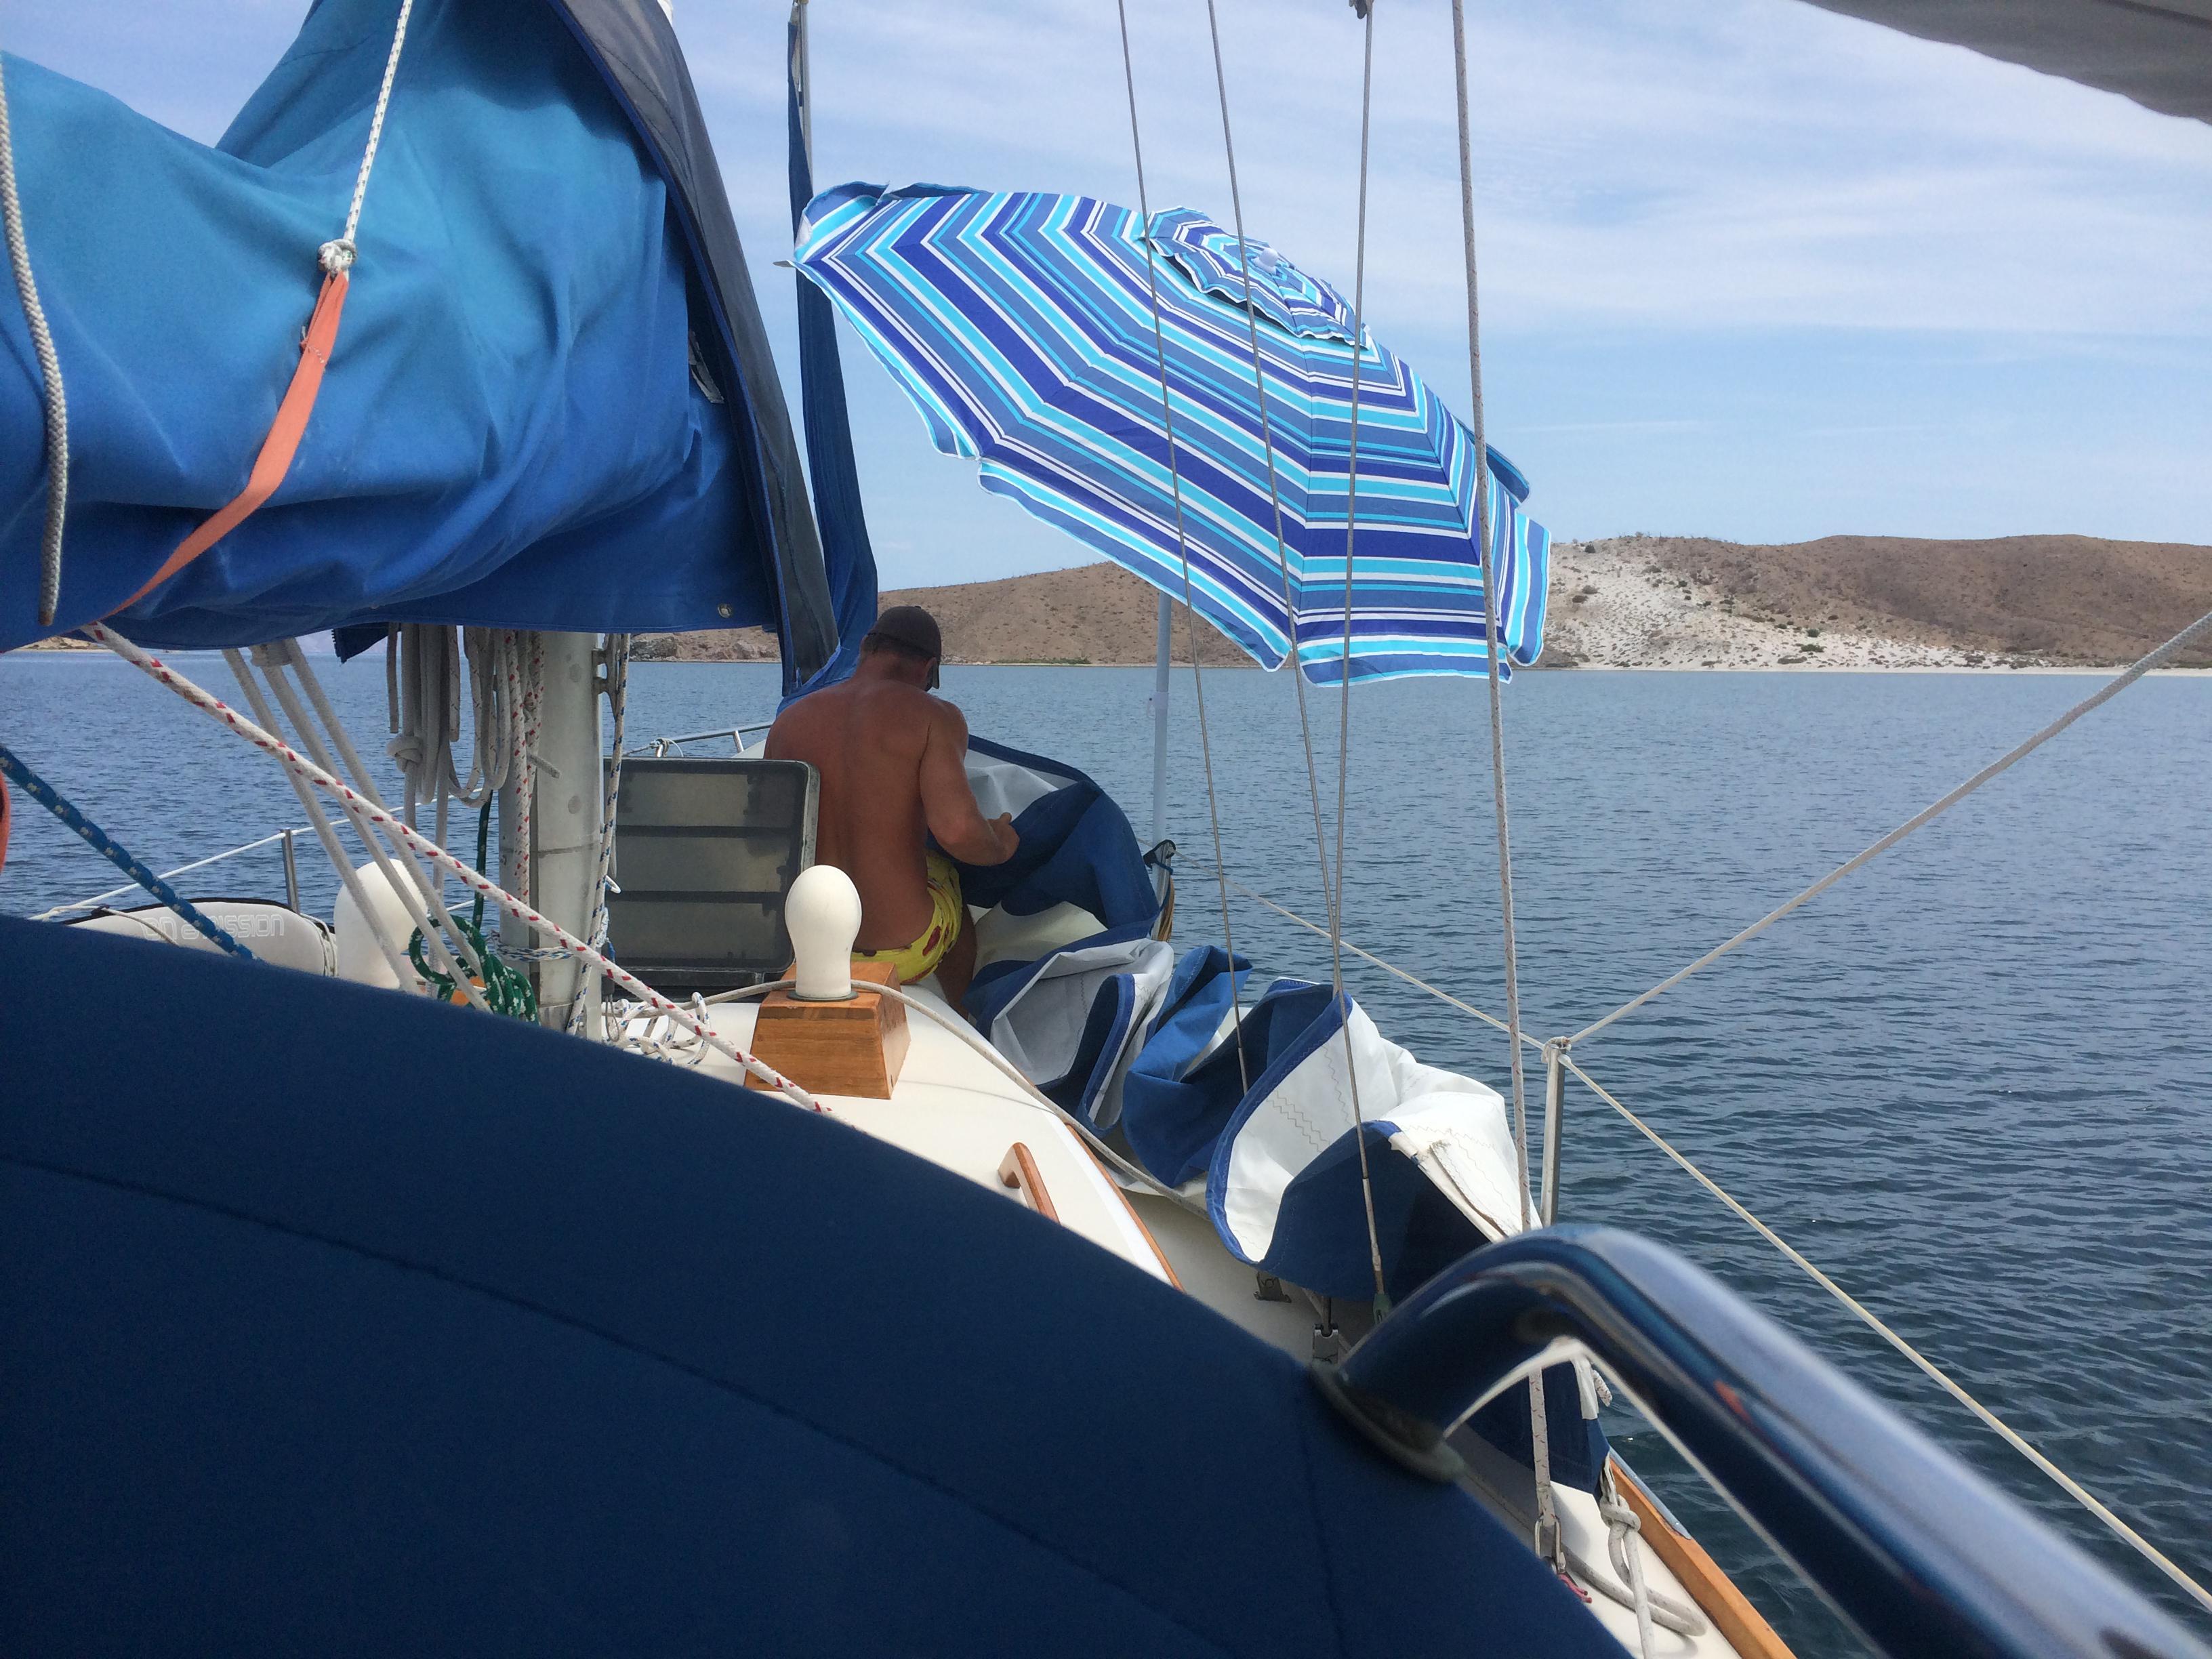 Alca sail repair